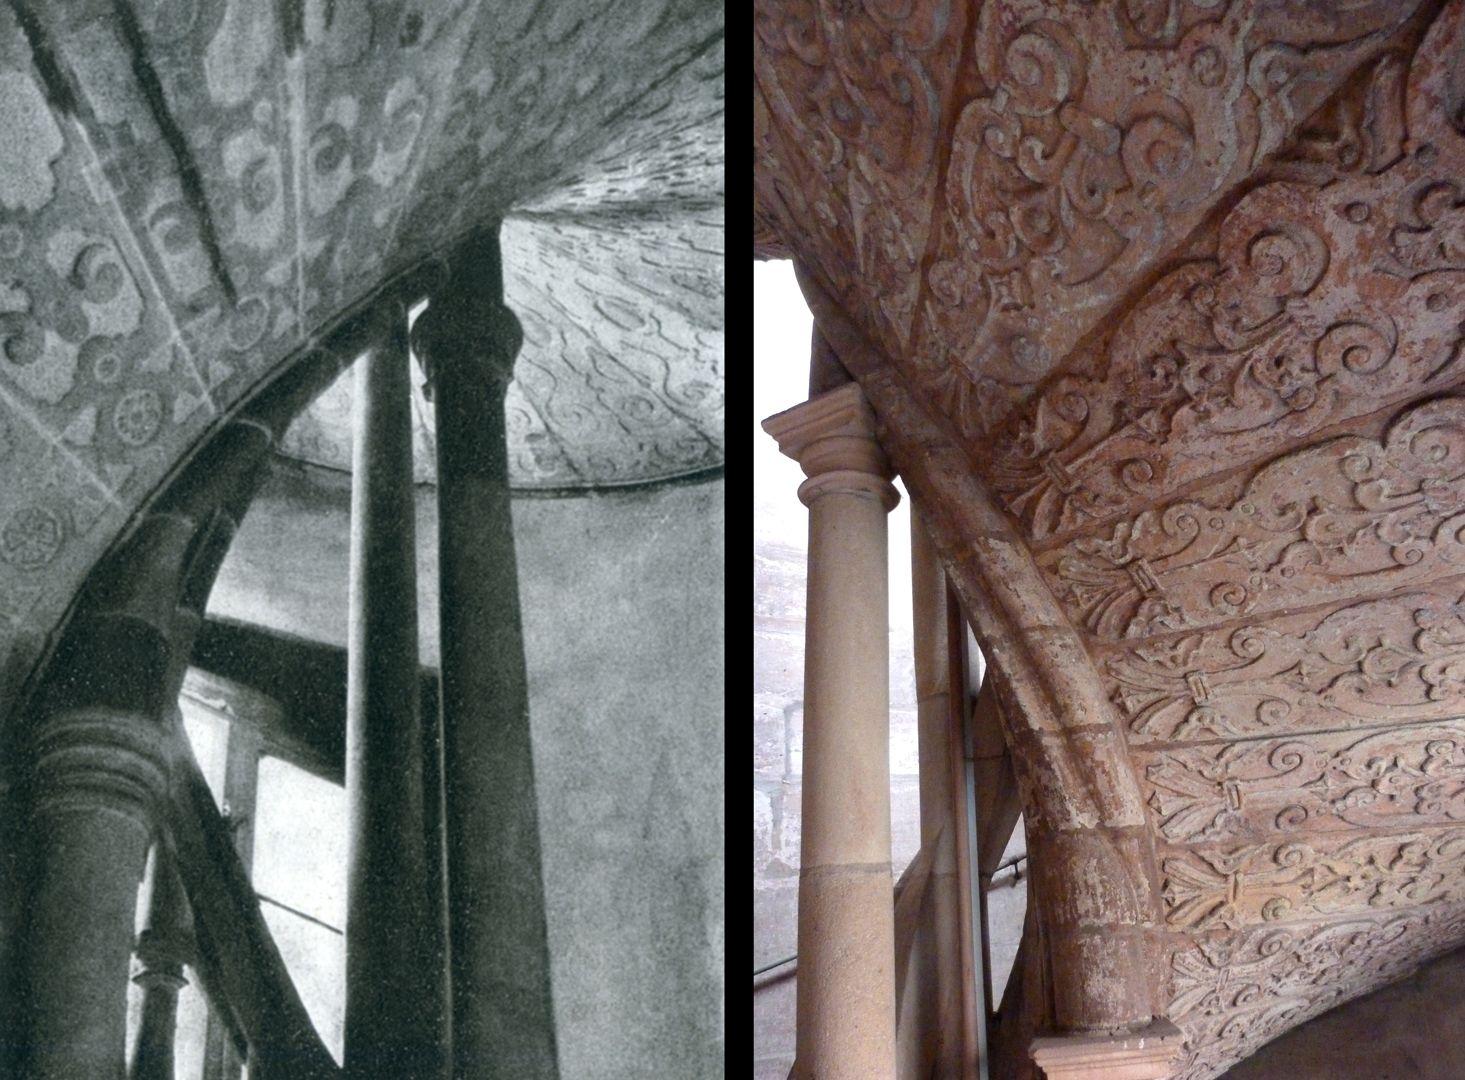 Treppen<p>1602 - 1605<br></p><p></p><p></p><p>__________________________________<br></p><p>foto links: Straßburg, Dr. Karl Busch, 1942</p><p> <br></p>